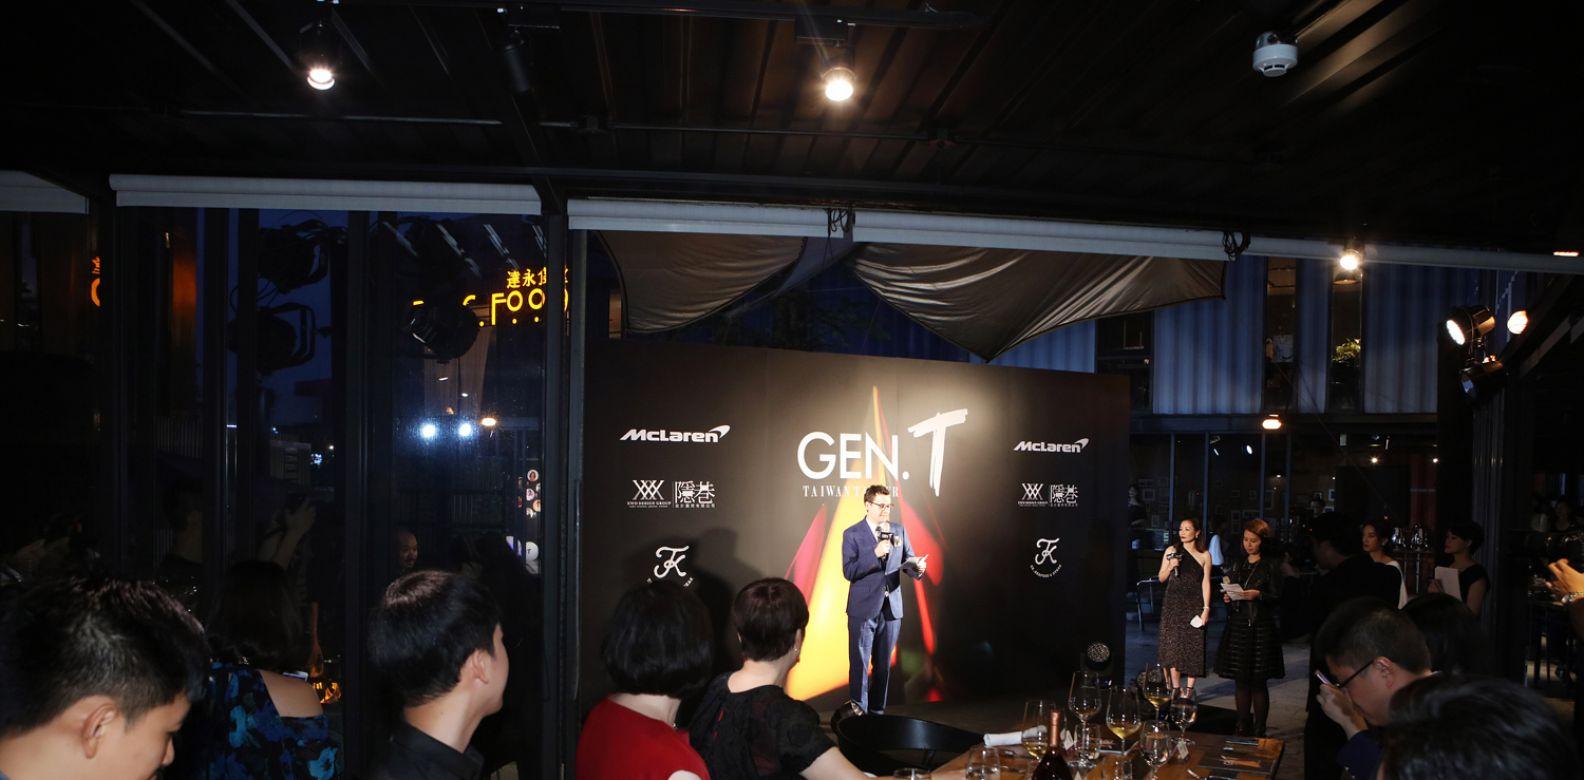 亞洲區Gen. T主編Lee Williamson特地遠從香港而來祝賀在場入選者。(喝酒不開車,安全有保障)